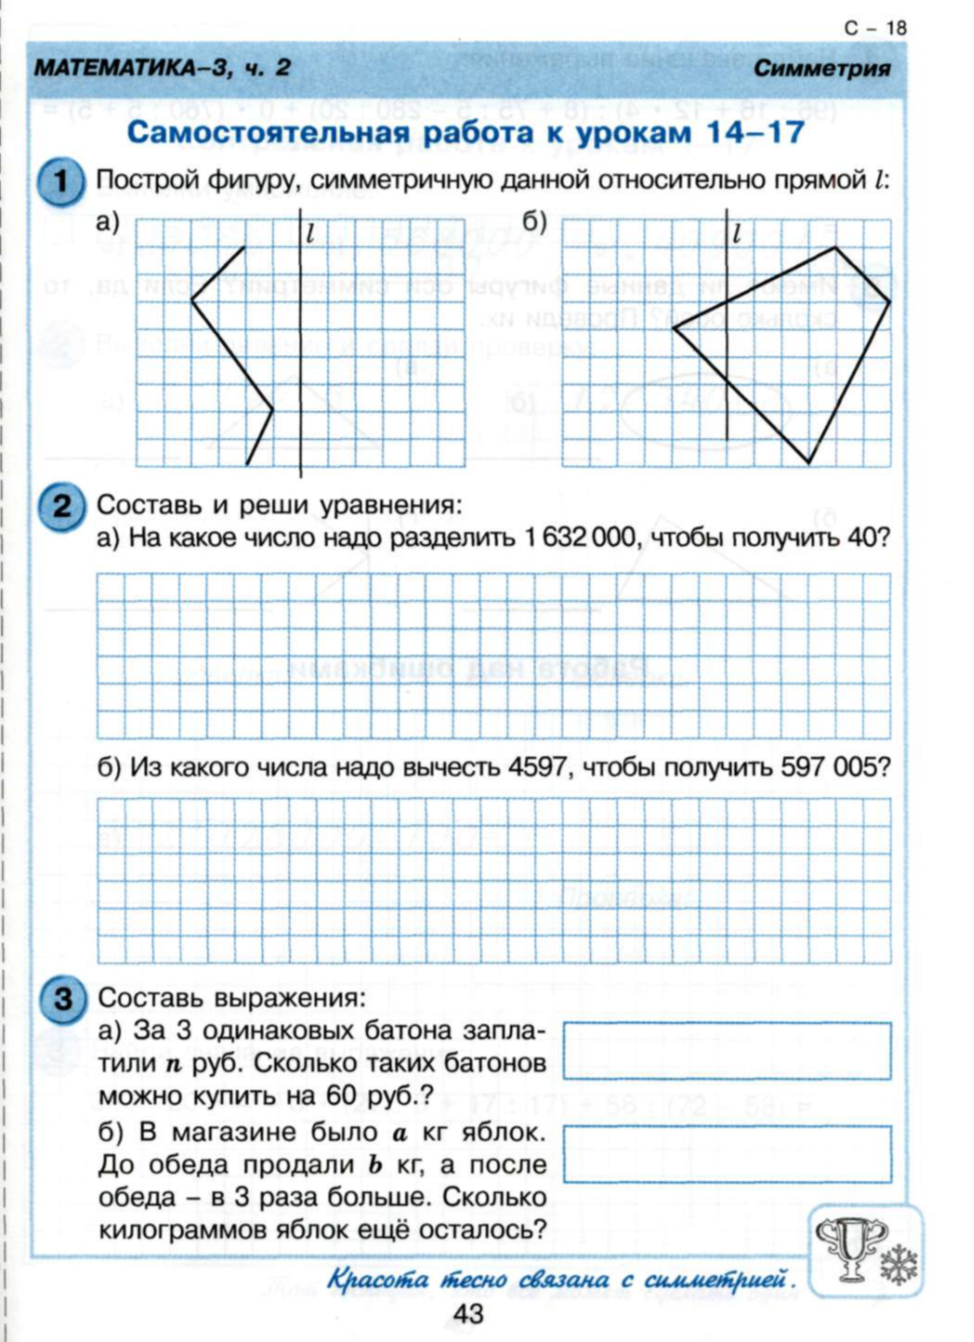 Контрольные работы по математике Л Г Петерсон класс hello html 46c8d49e png